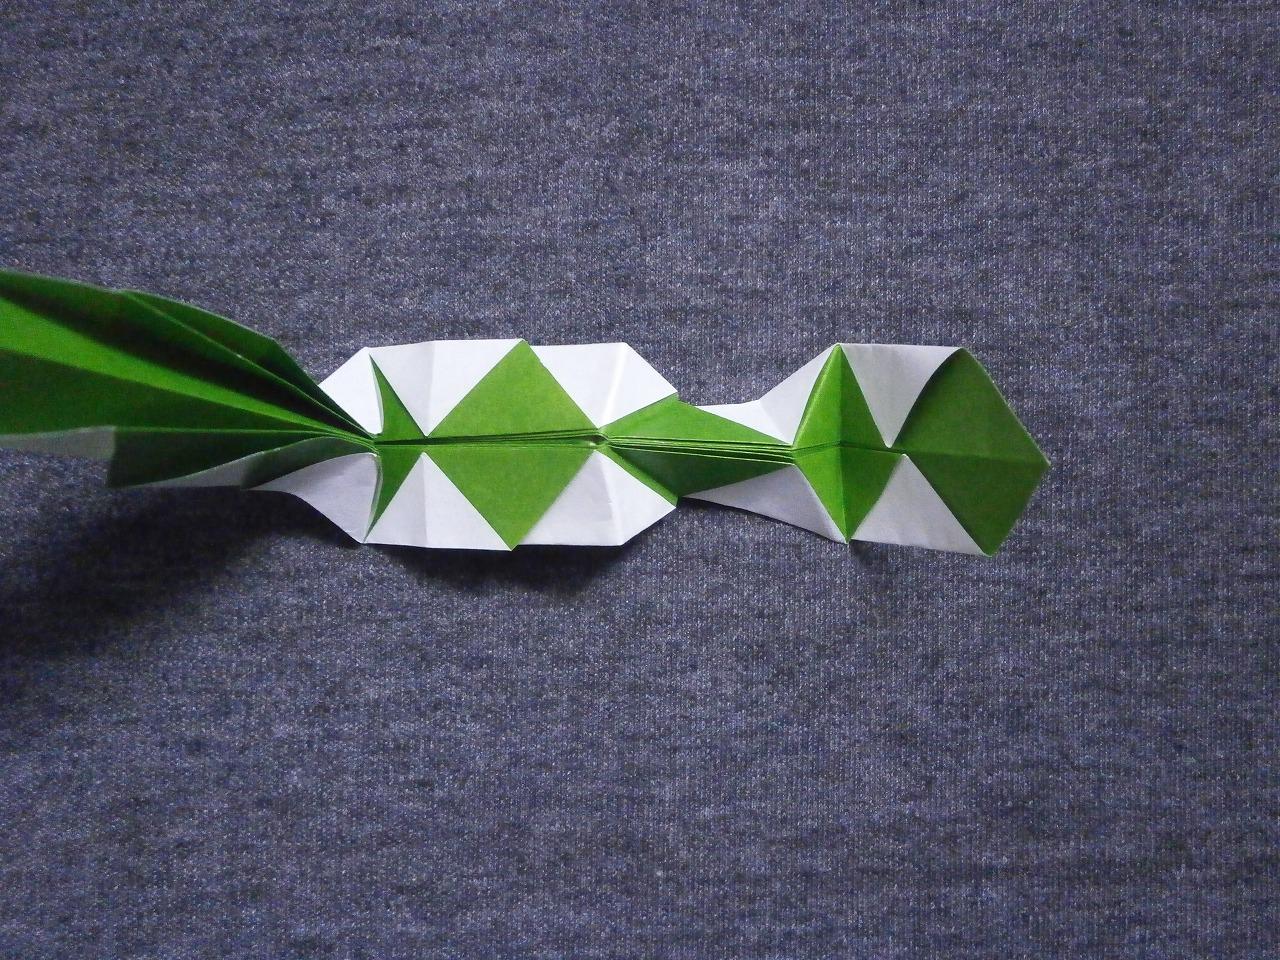 KATAKOTO ORIGAMI: How to fold an origami snake - photo#16